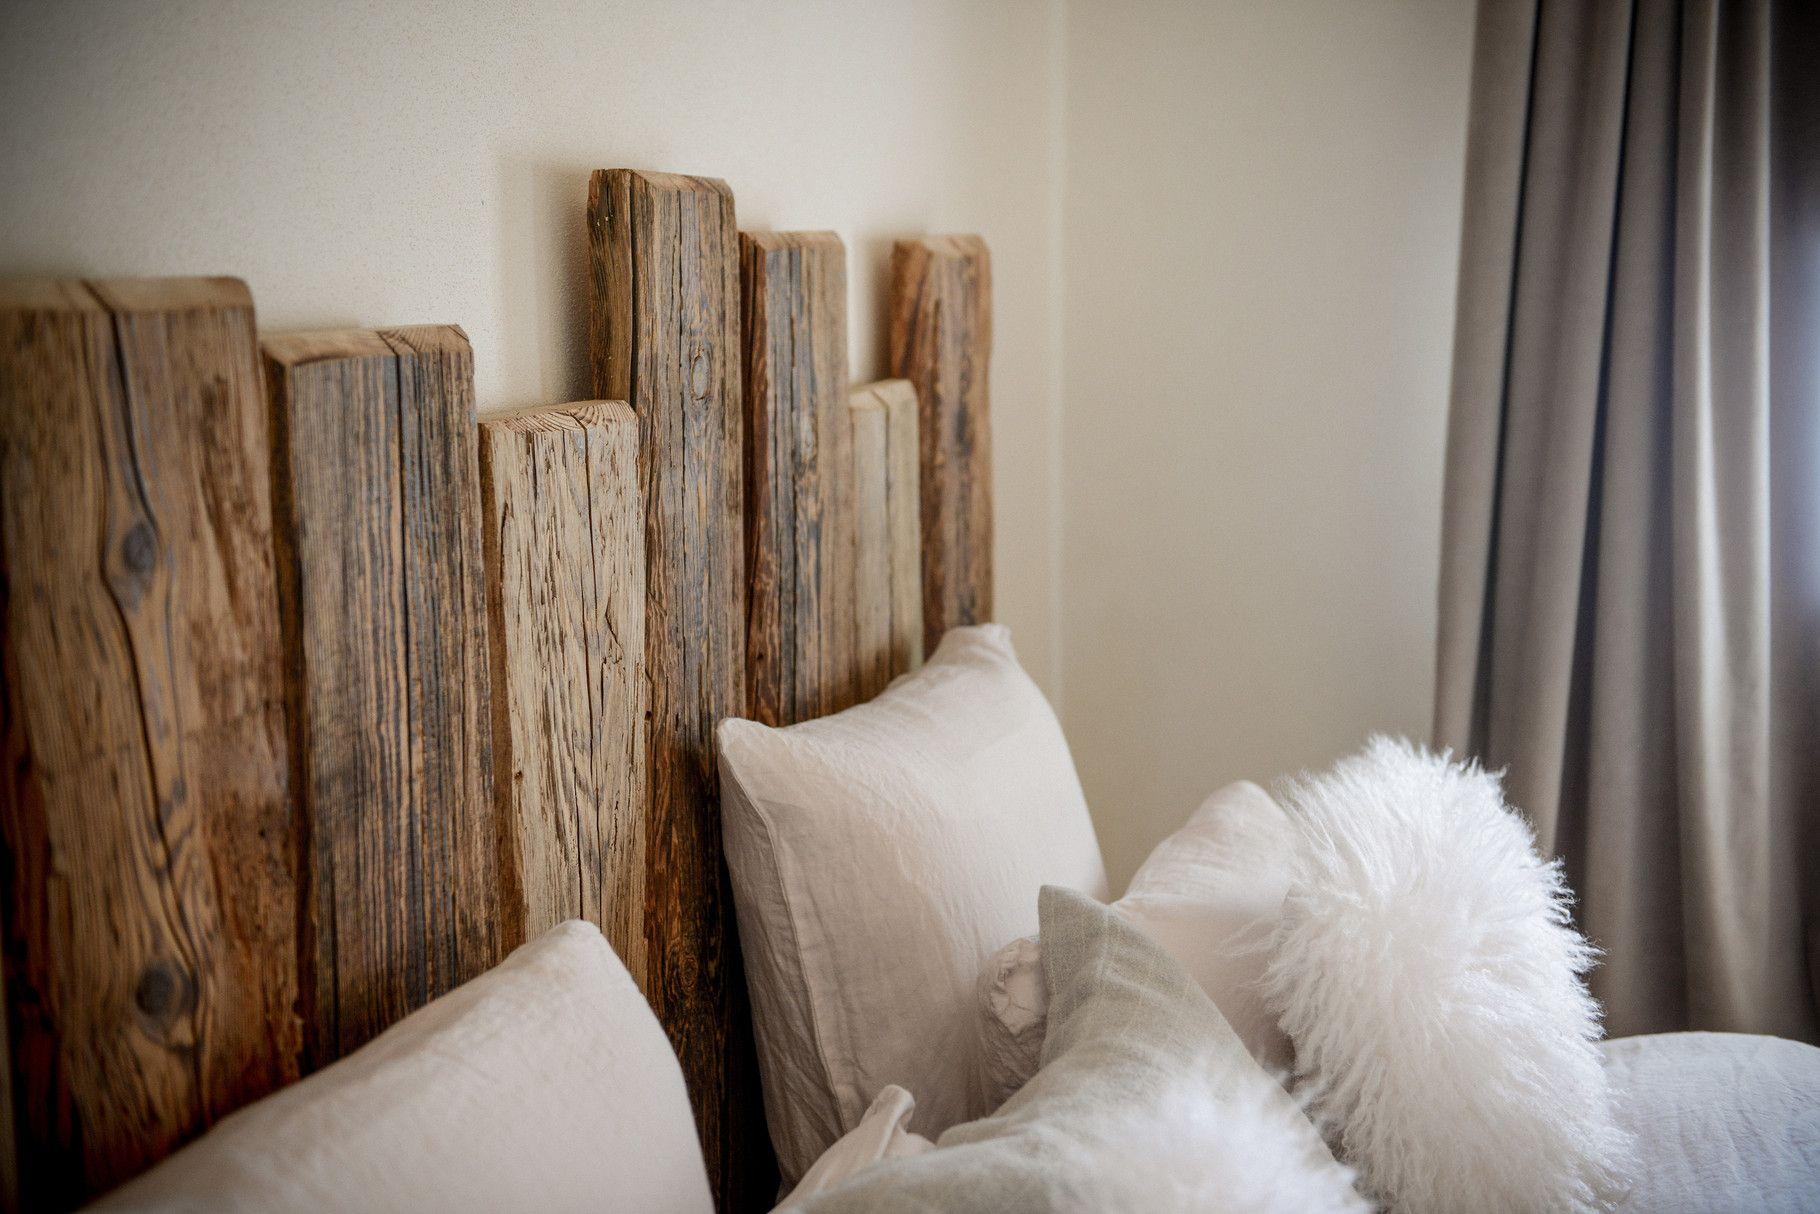 Chambre neige chalet nantailly дерево в интерьере pinterest